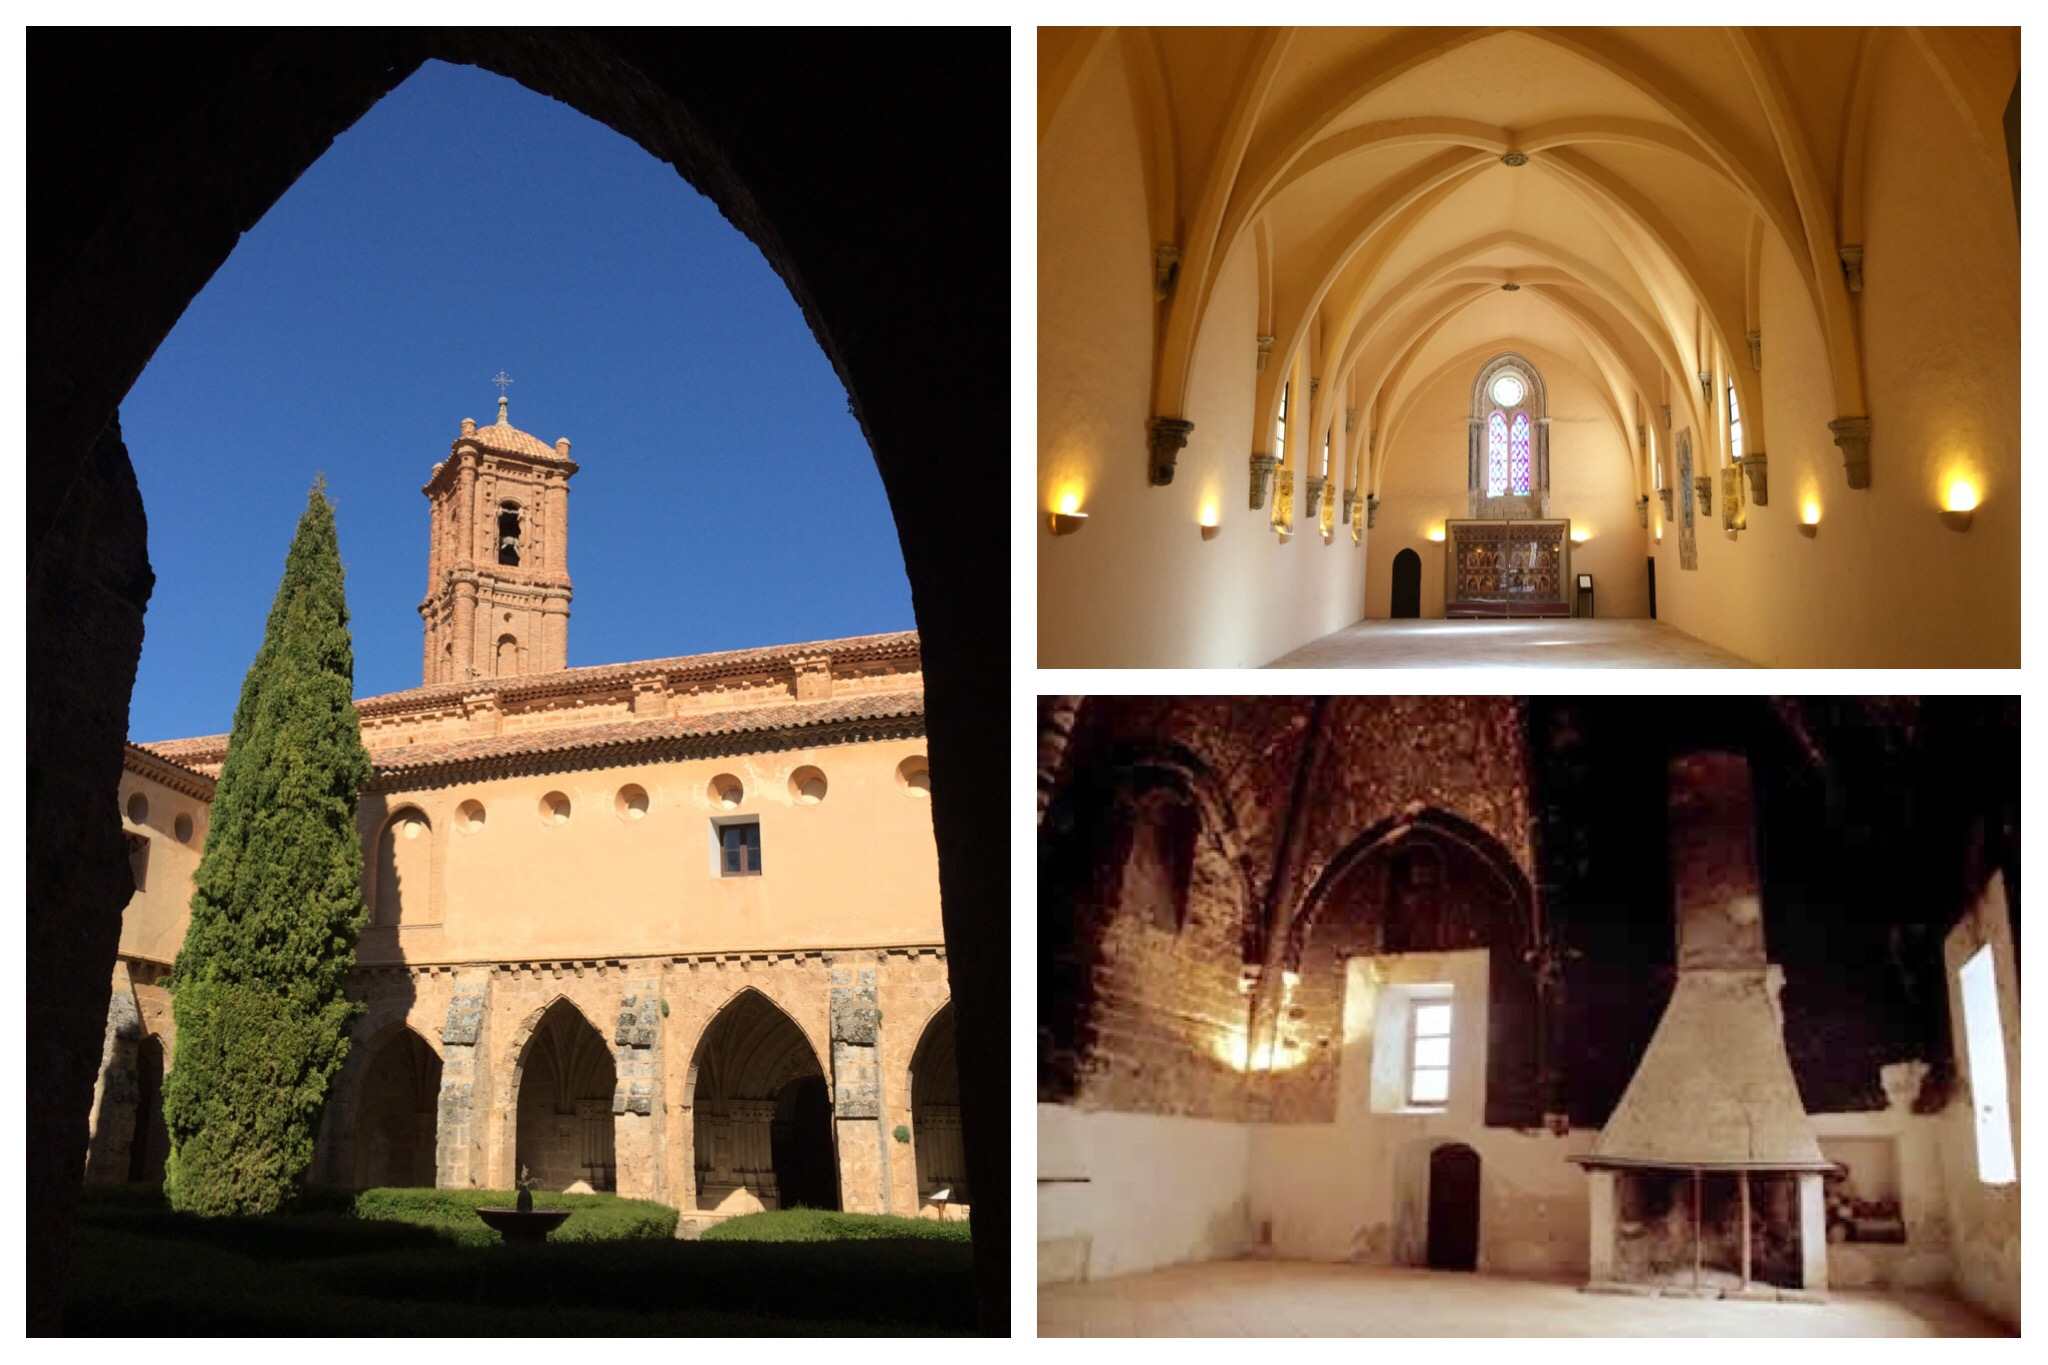 Monasterio de Piedra refectory kitchen